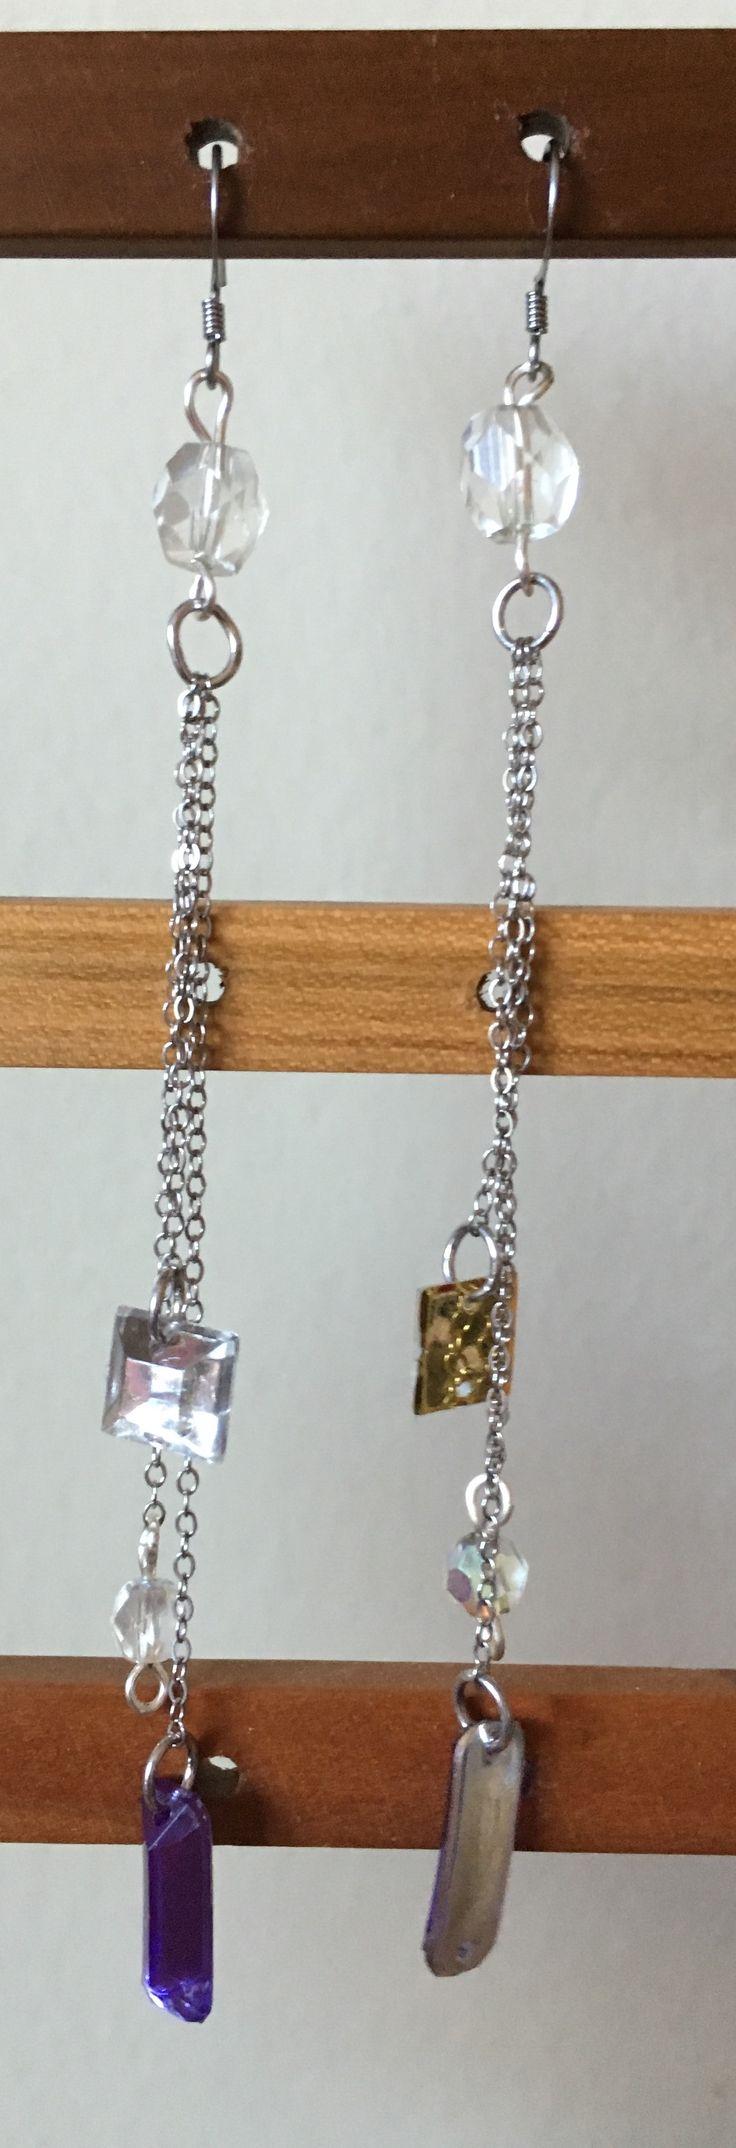 Long dainty earrings by MaxAna x